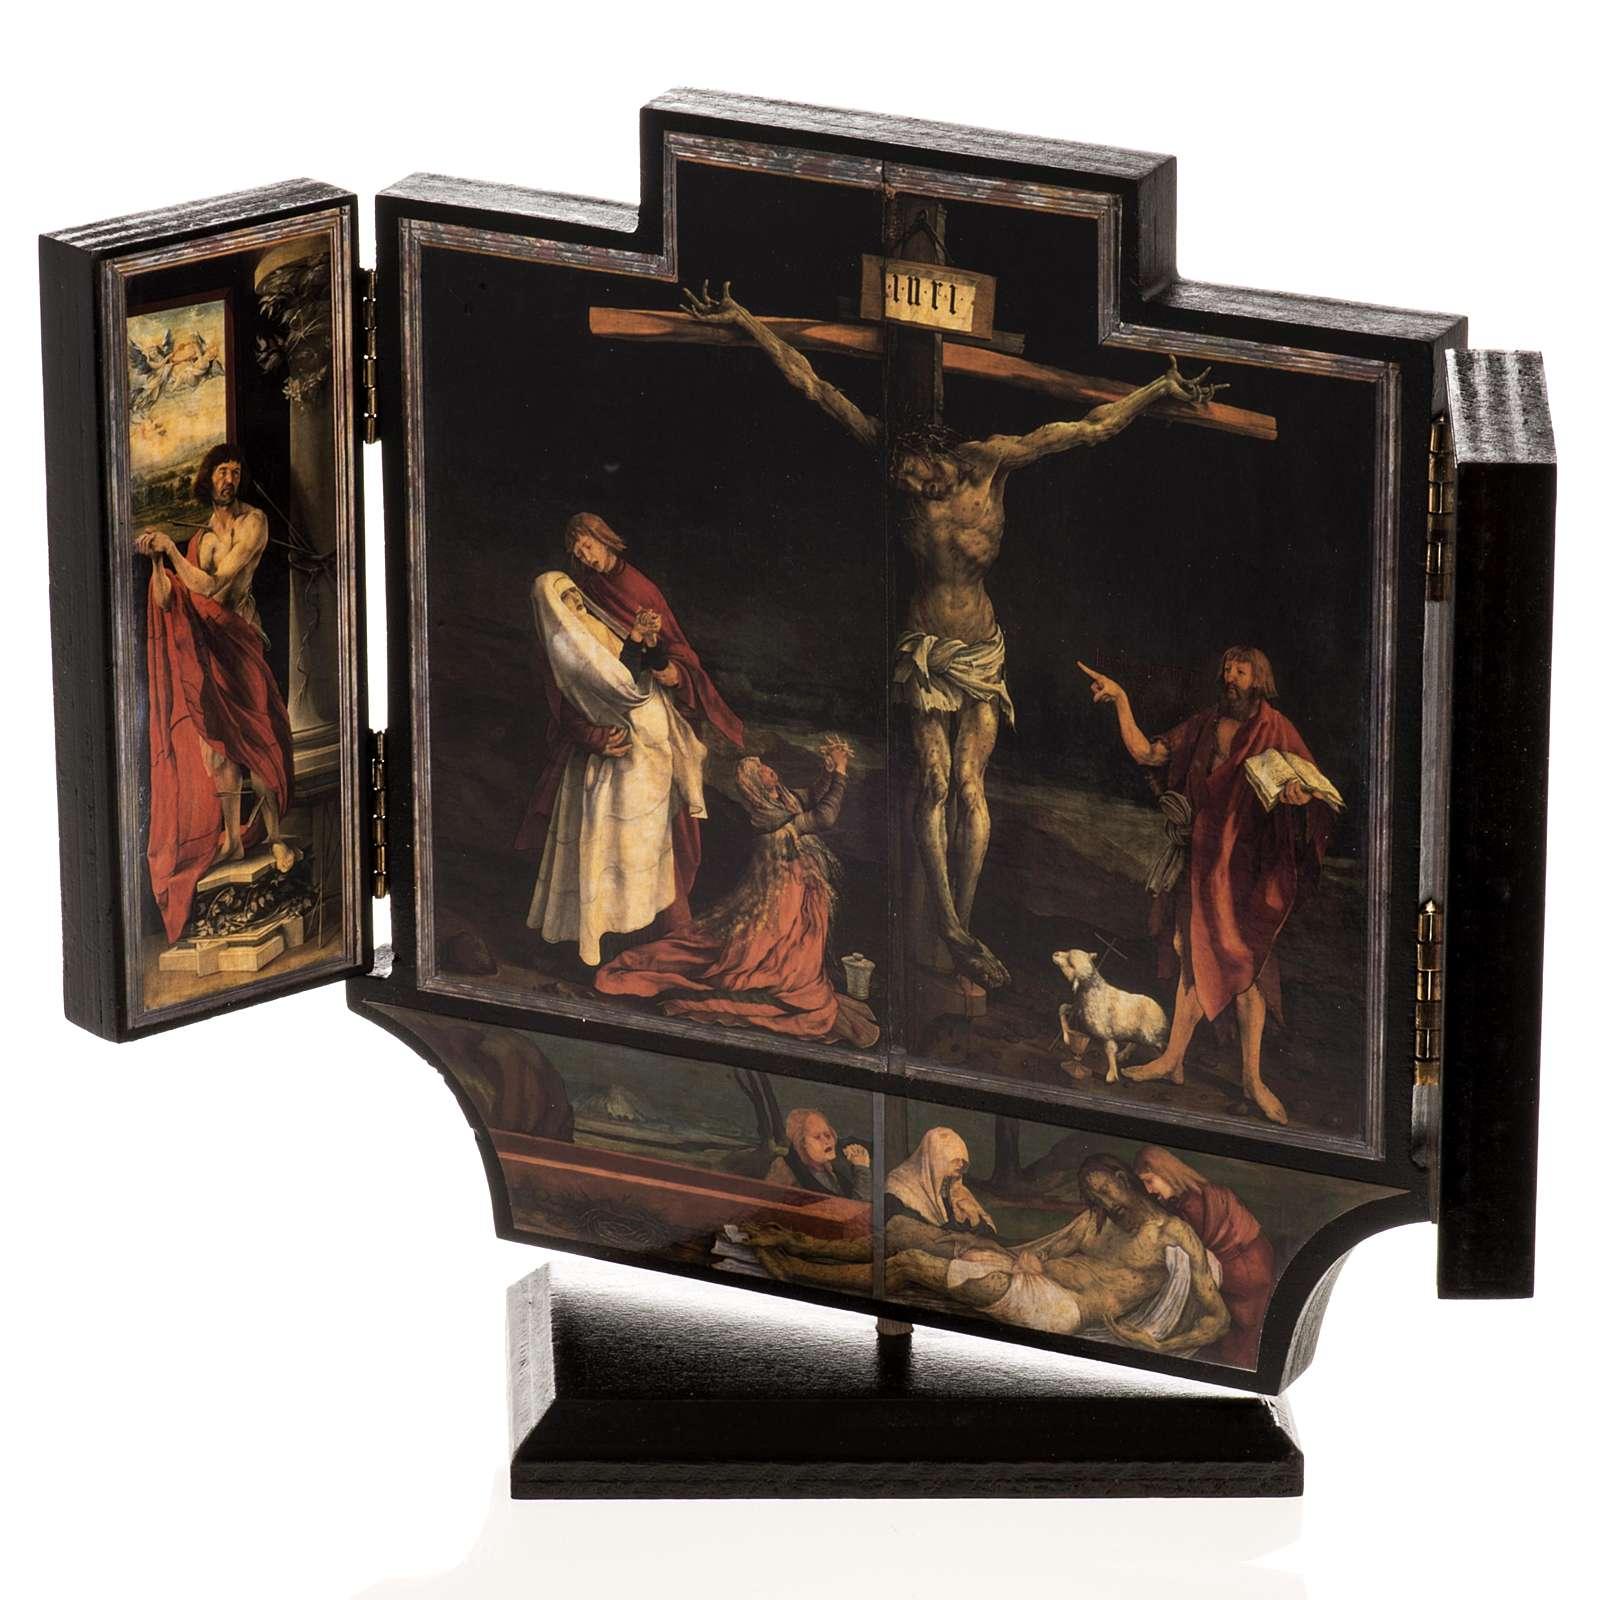 Trittico altare di Issenheim legno stampa 21x30 con base 3